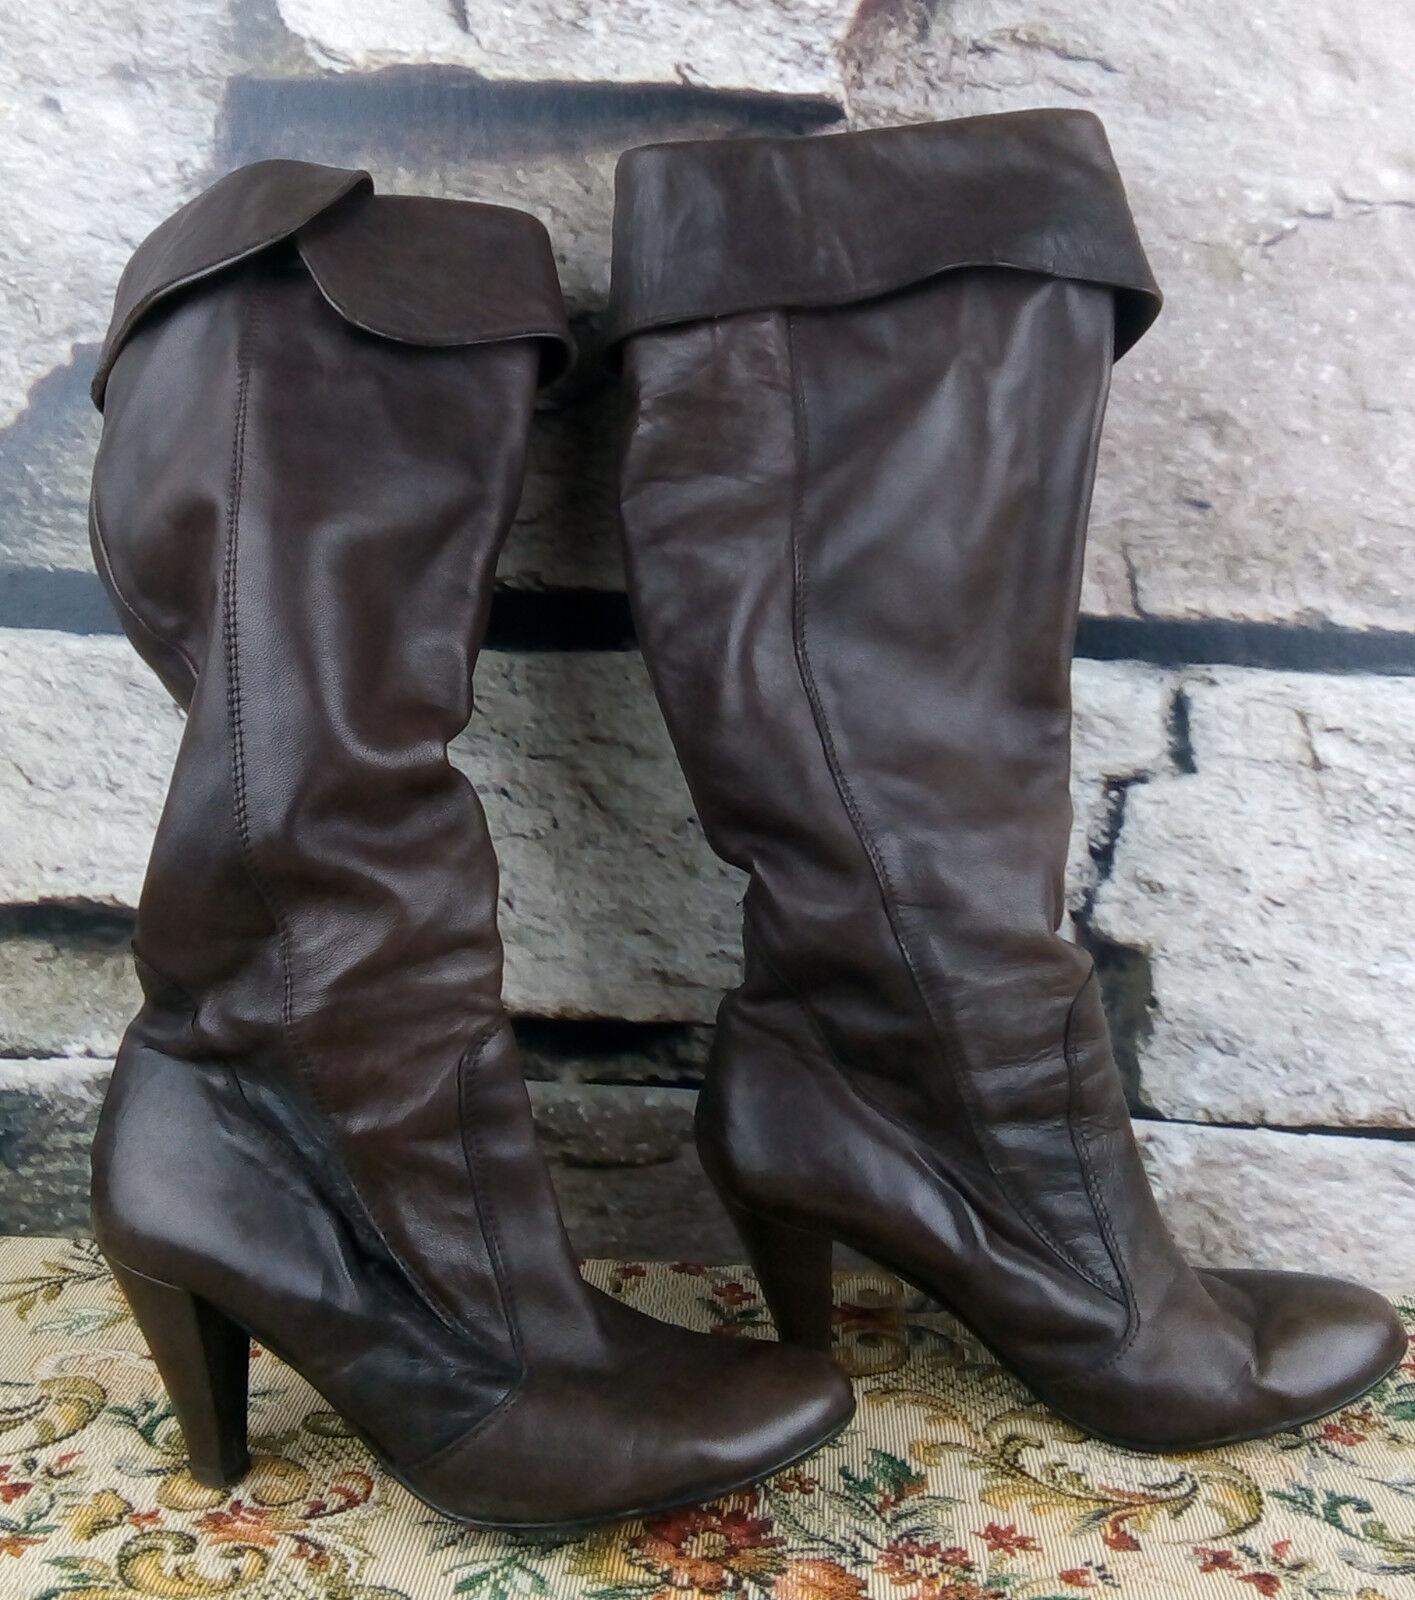 Atelier  señora 40 enviando botas cuero auténtico tacón alto botas marrón oscuro  f1